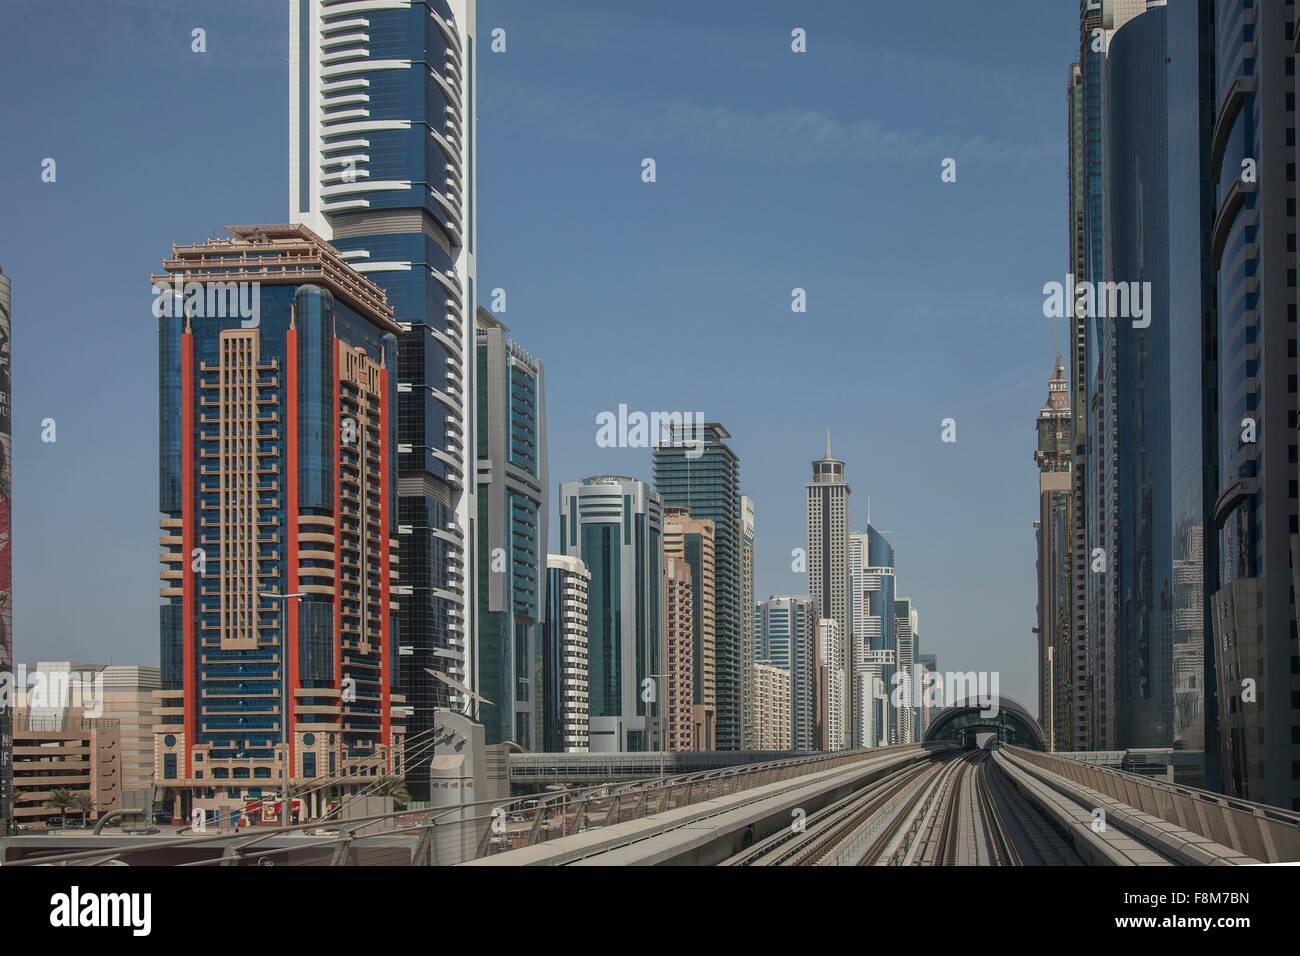 Skyline della città e Dubai metro binario, Downtown Dubai Emirati Arabi Uniti Immagini Stock